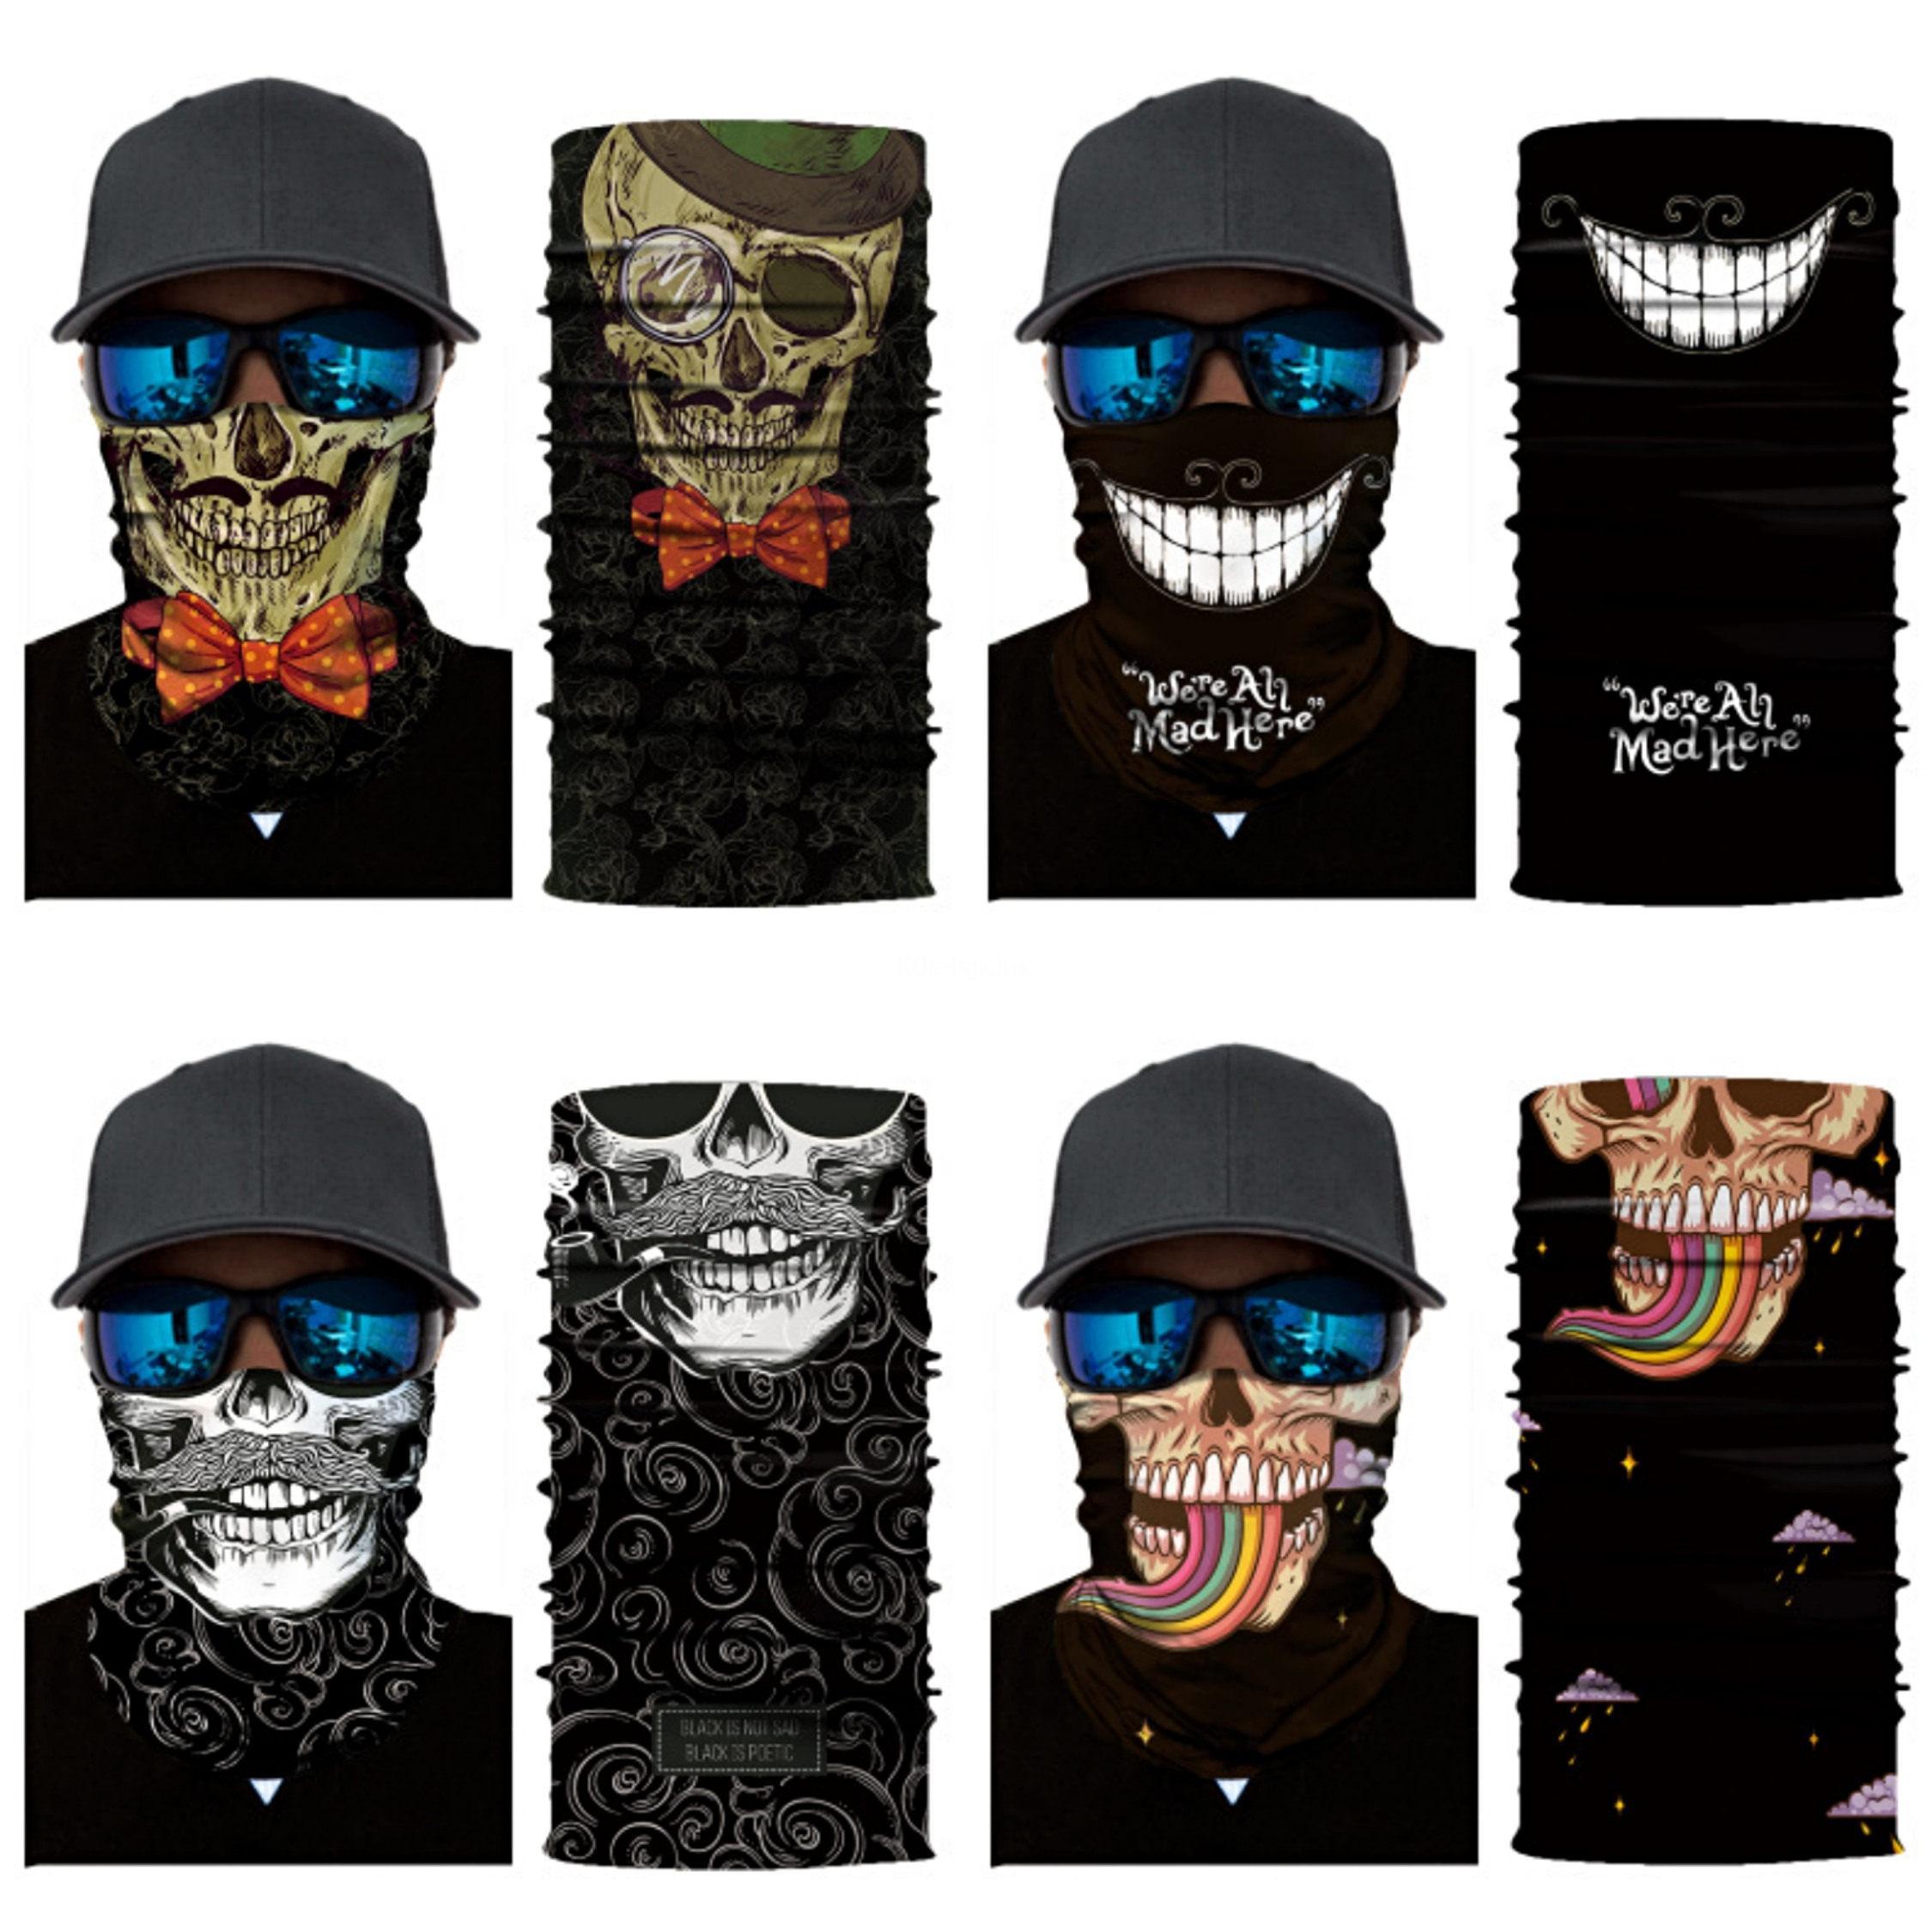 Cráneo 3D cielo estrellado sin fisuras Pañuelos de verano deporte al aire libre del pañuelo de Headwear Paseo Mágico cráneo Bufanda de ciclo de Halloween # 913